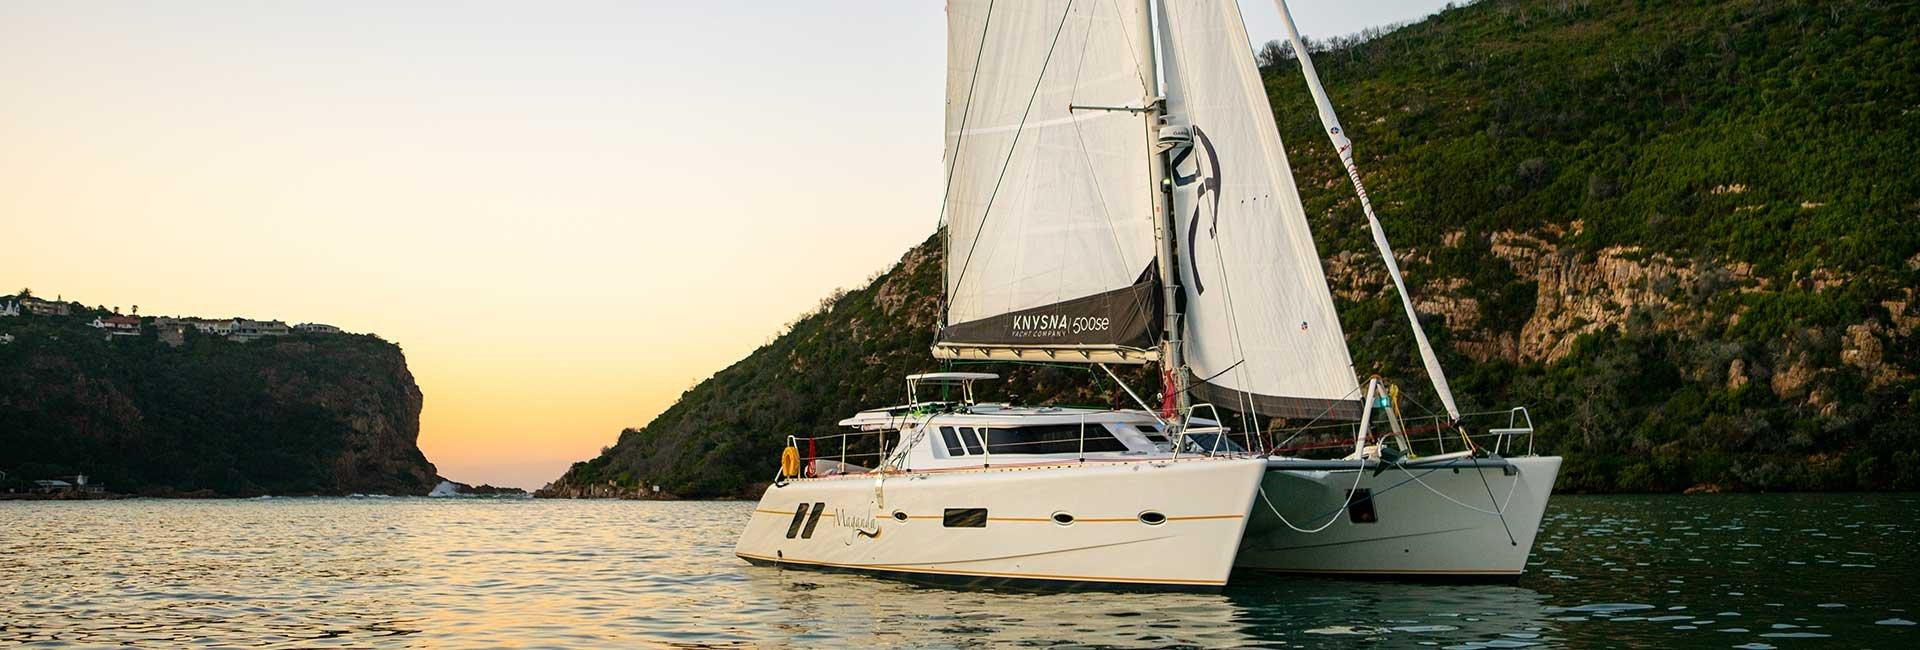 yacht in knysna